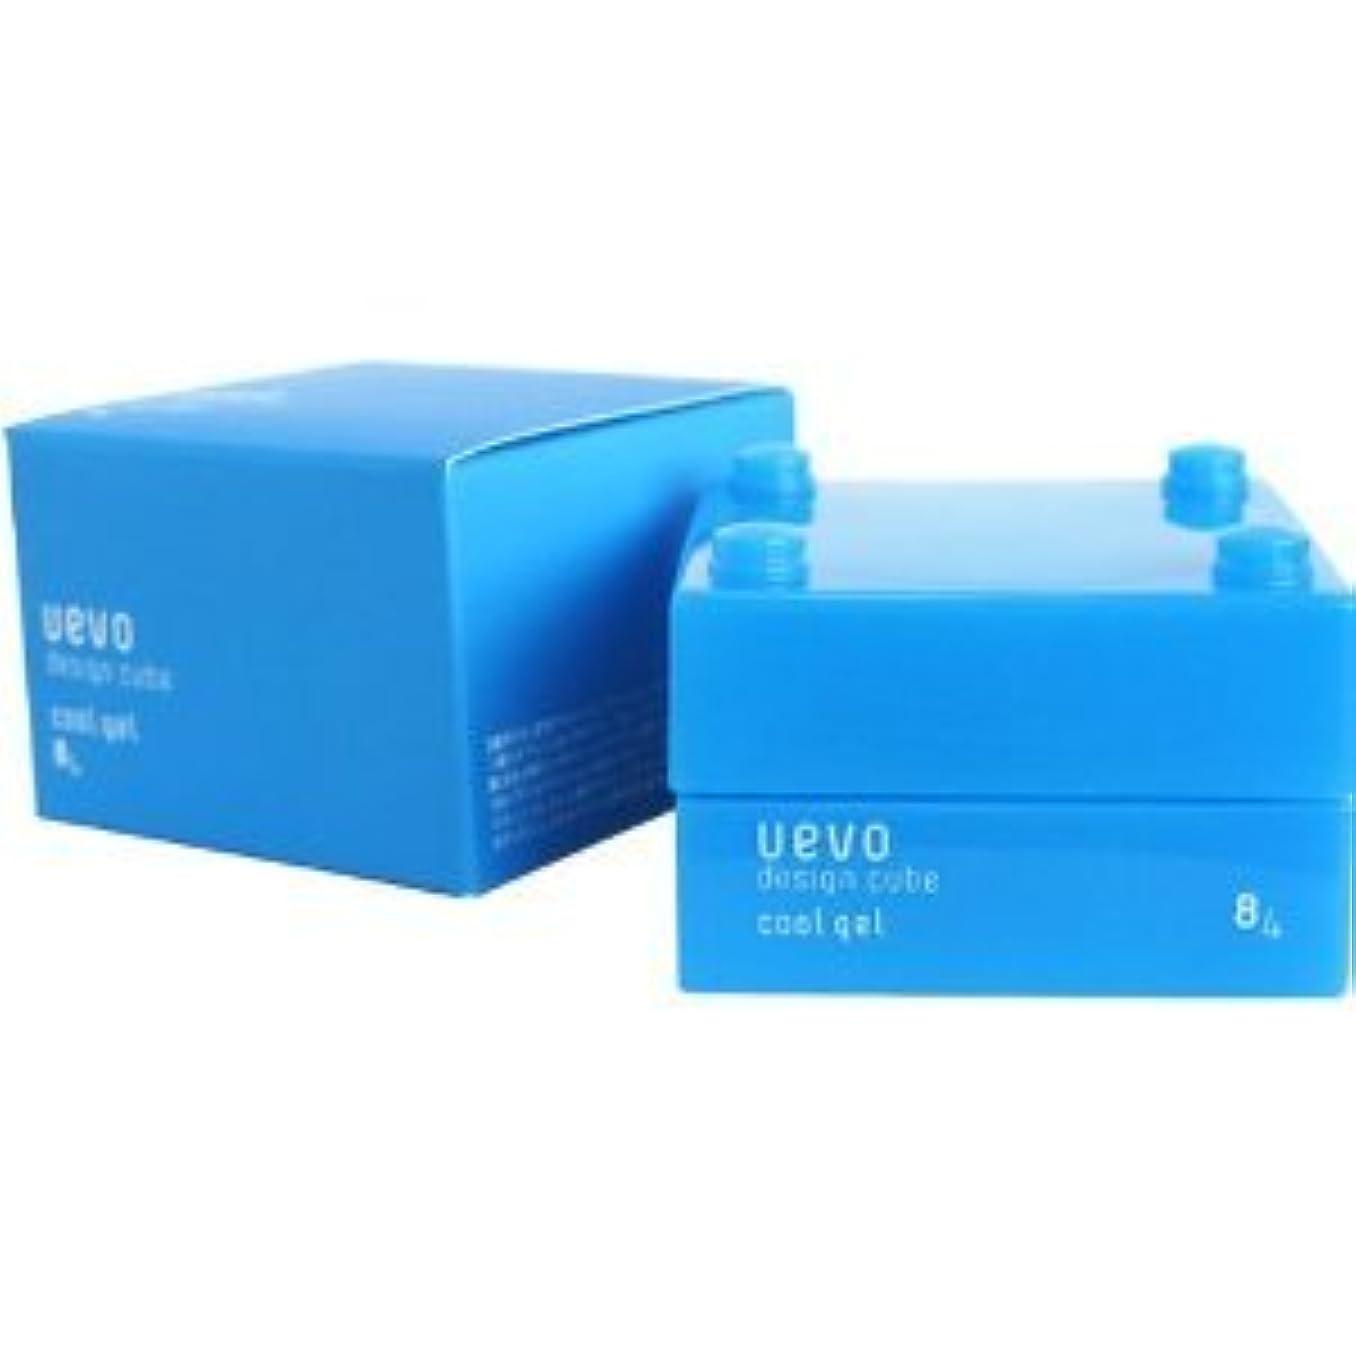 おしゃれなブラケット現在【X3個セット】 デミ ウェーボ デザインキューブ クールジェル 30g cool gel DEMI uevo design cube